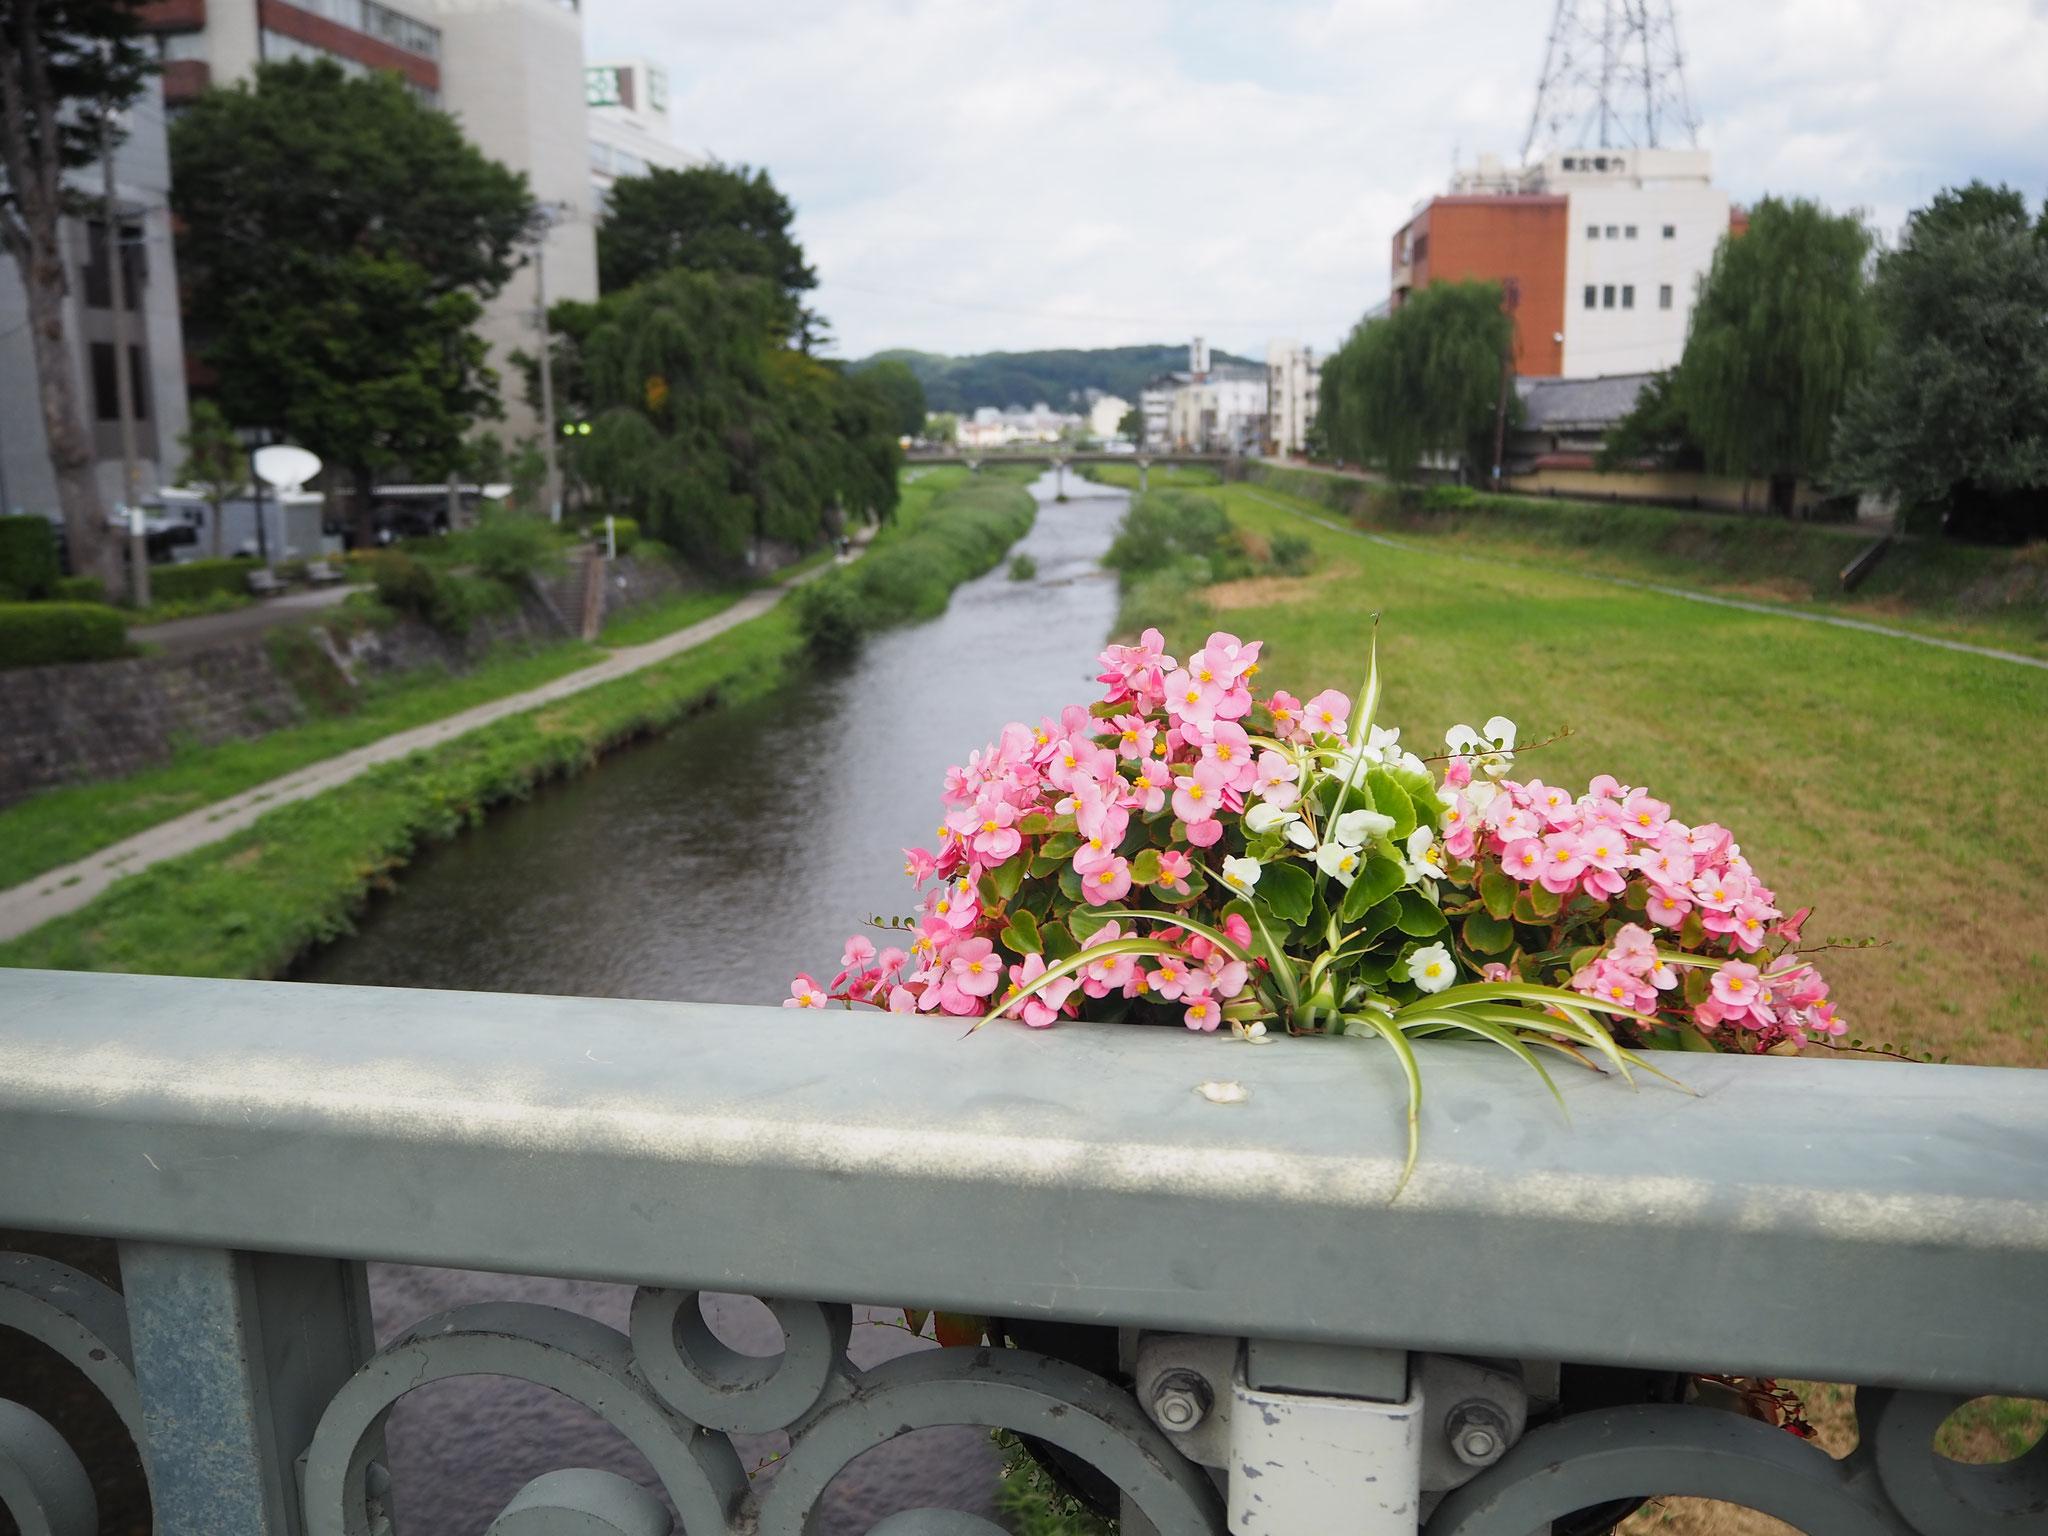 赤レンガ館のそばにある中津川にかかる「中の橋」・・・・ここまでご覧いただきありがとうございました